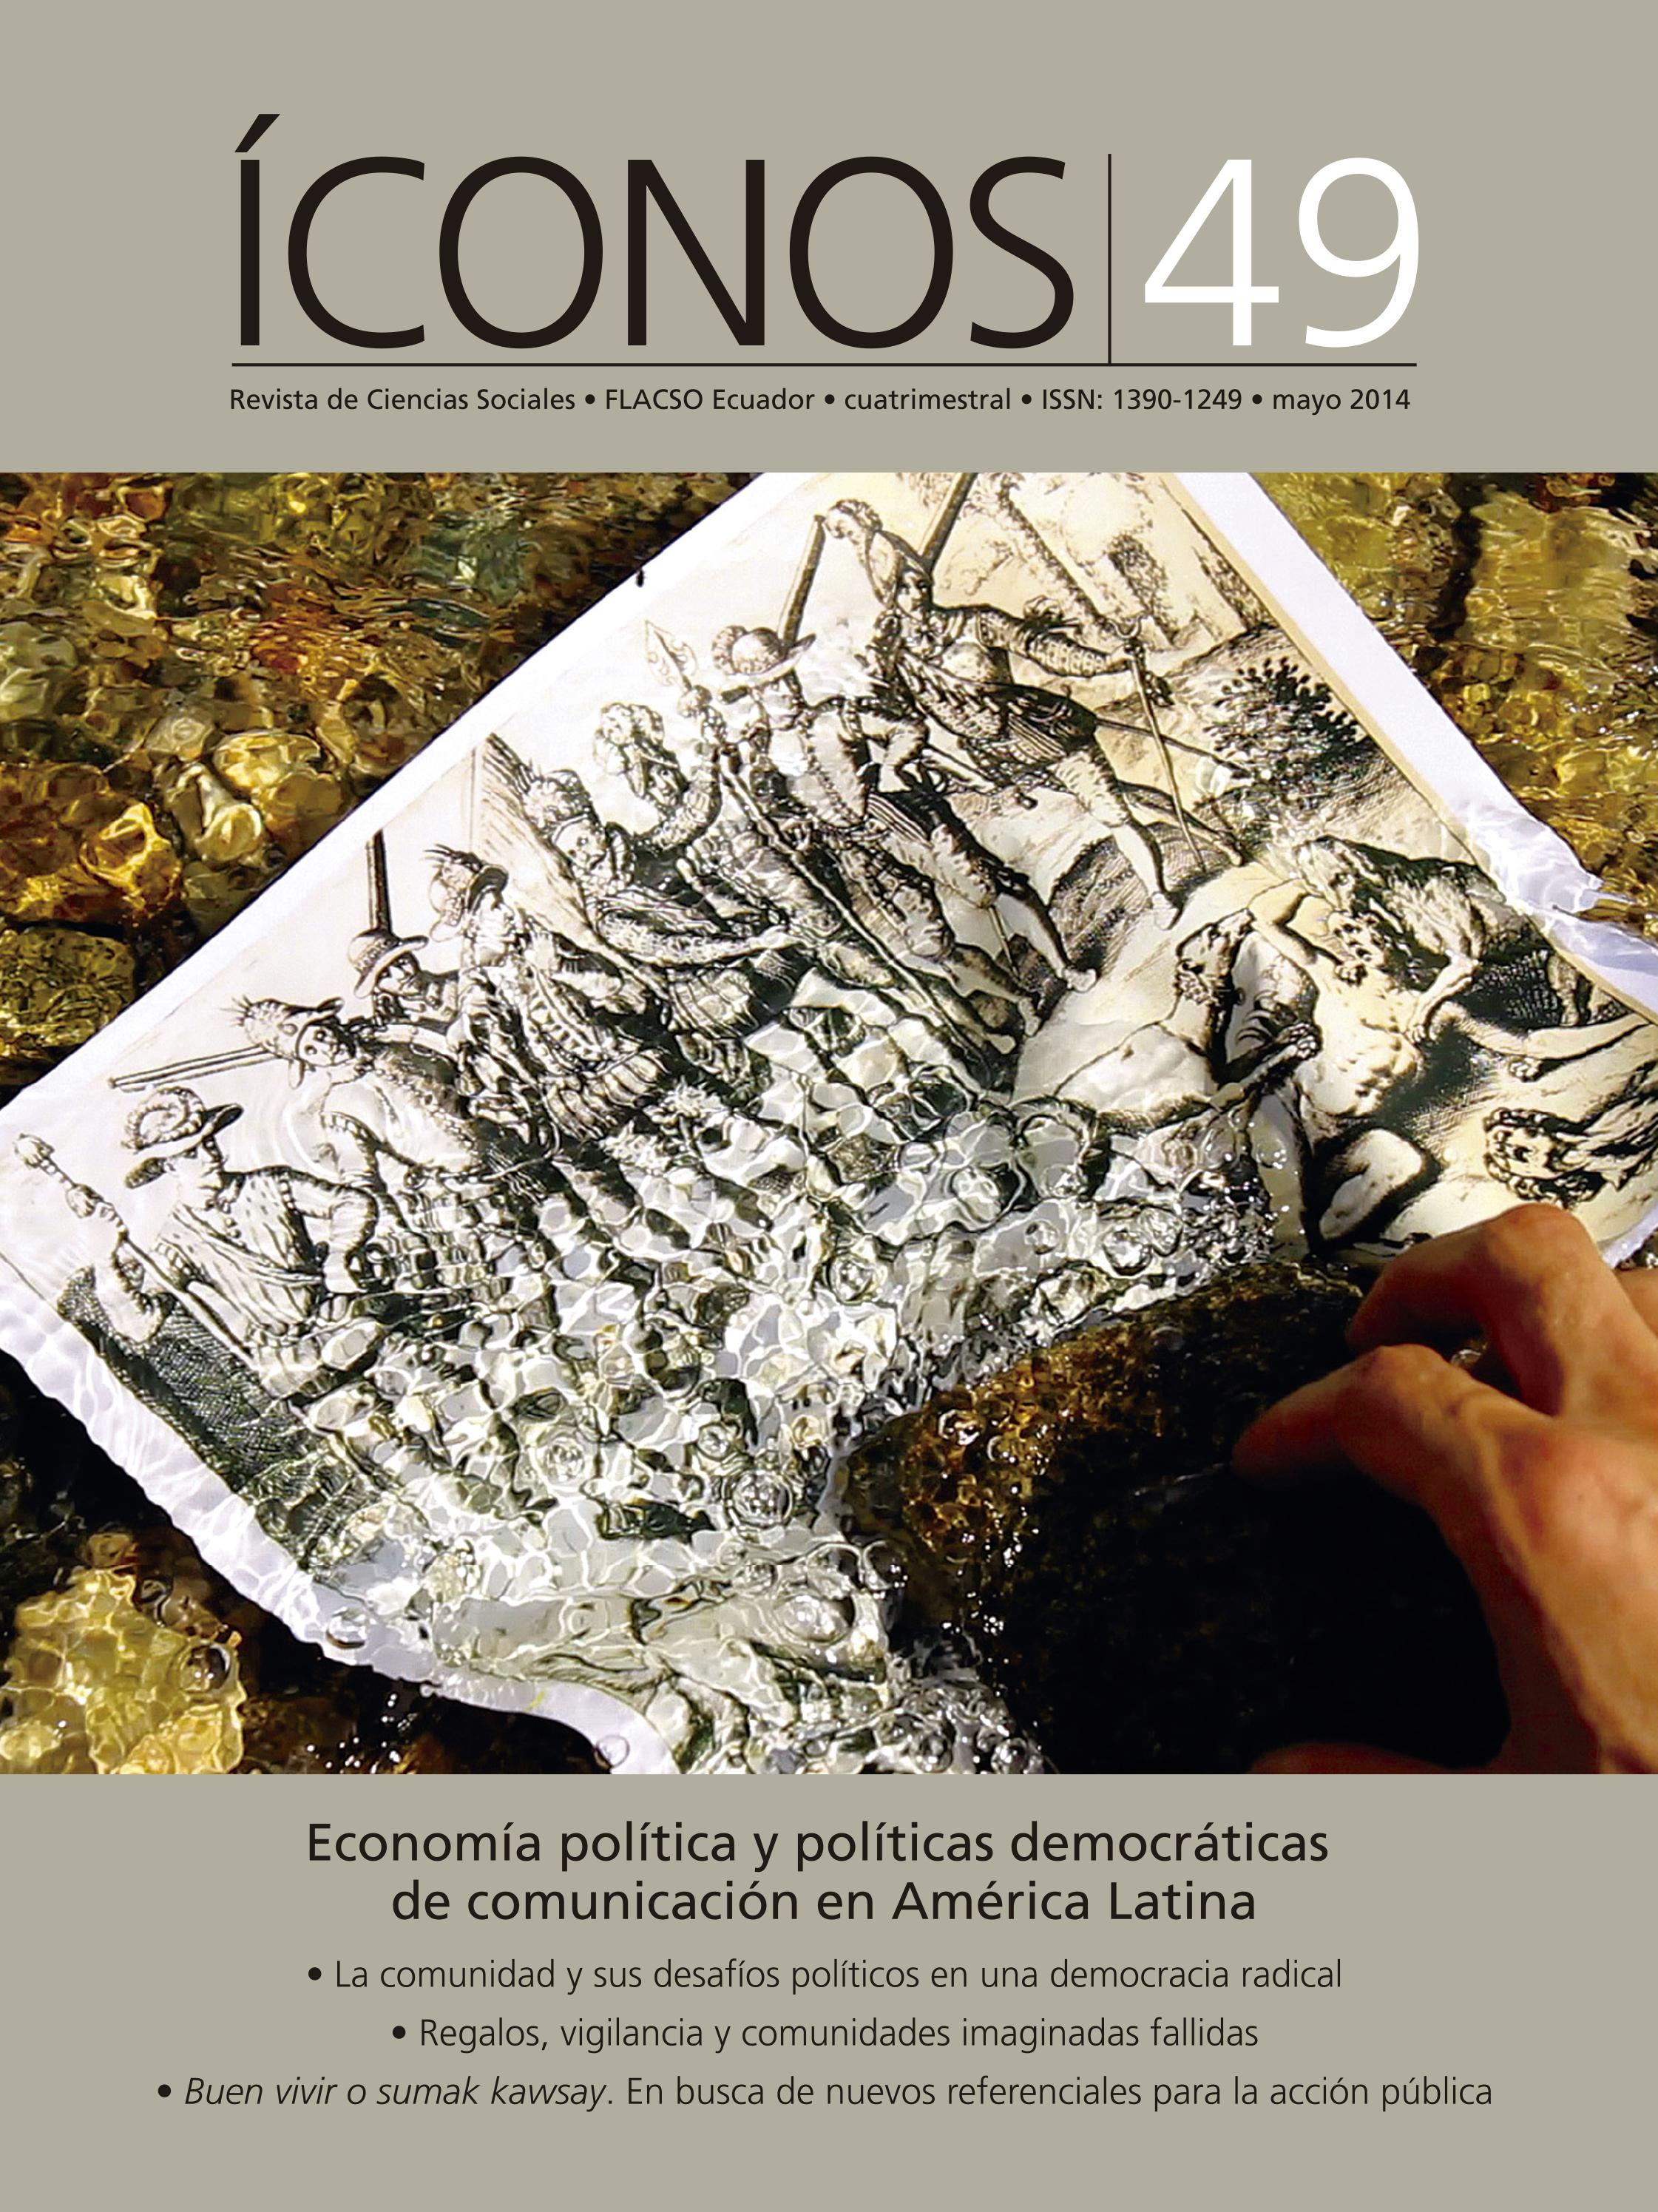 Íconos. Revista de Ciencias Sociales No. 49. Economía política y políticas democráticas de comunicación en América Latina